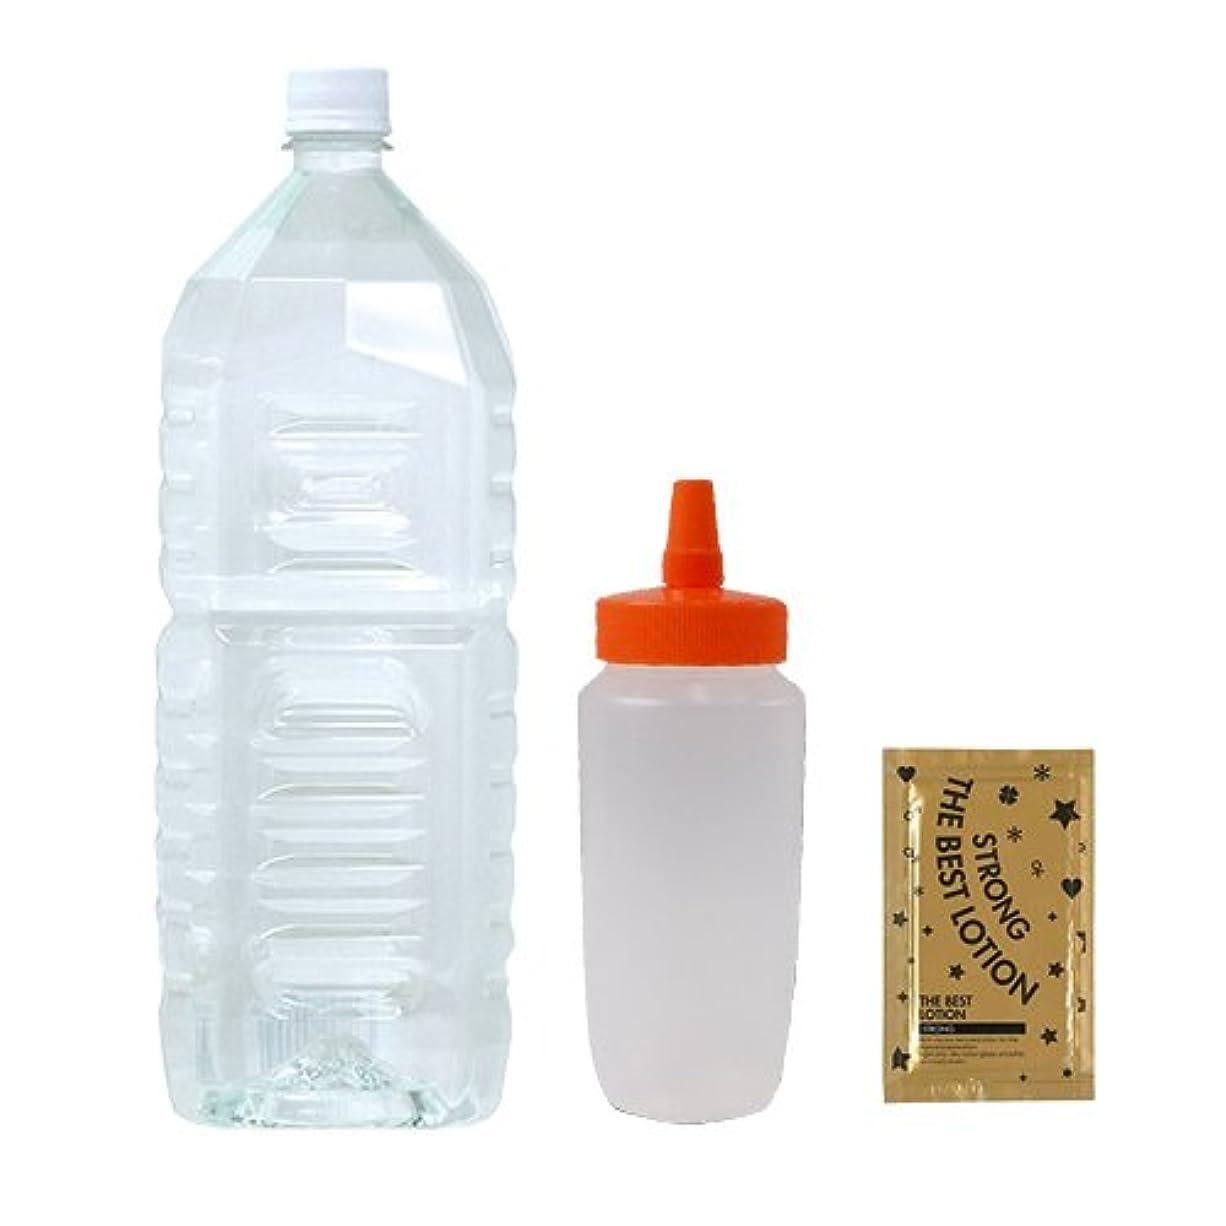 クリアローション 2Lペットボトル ソフトタイプ 業務用ローション + はちみつ容器360ml(オレンジキャップ)+ ベストローションストロング 1包付き セット